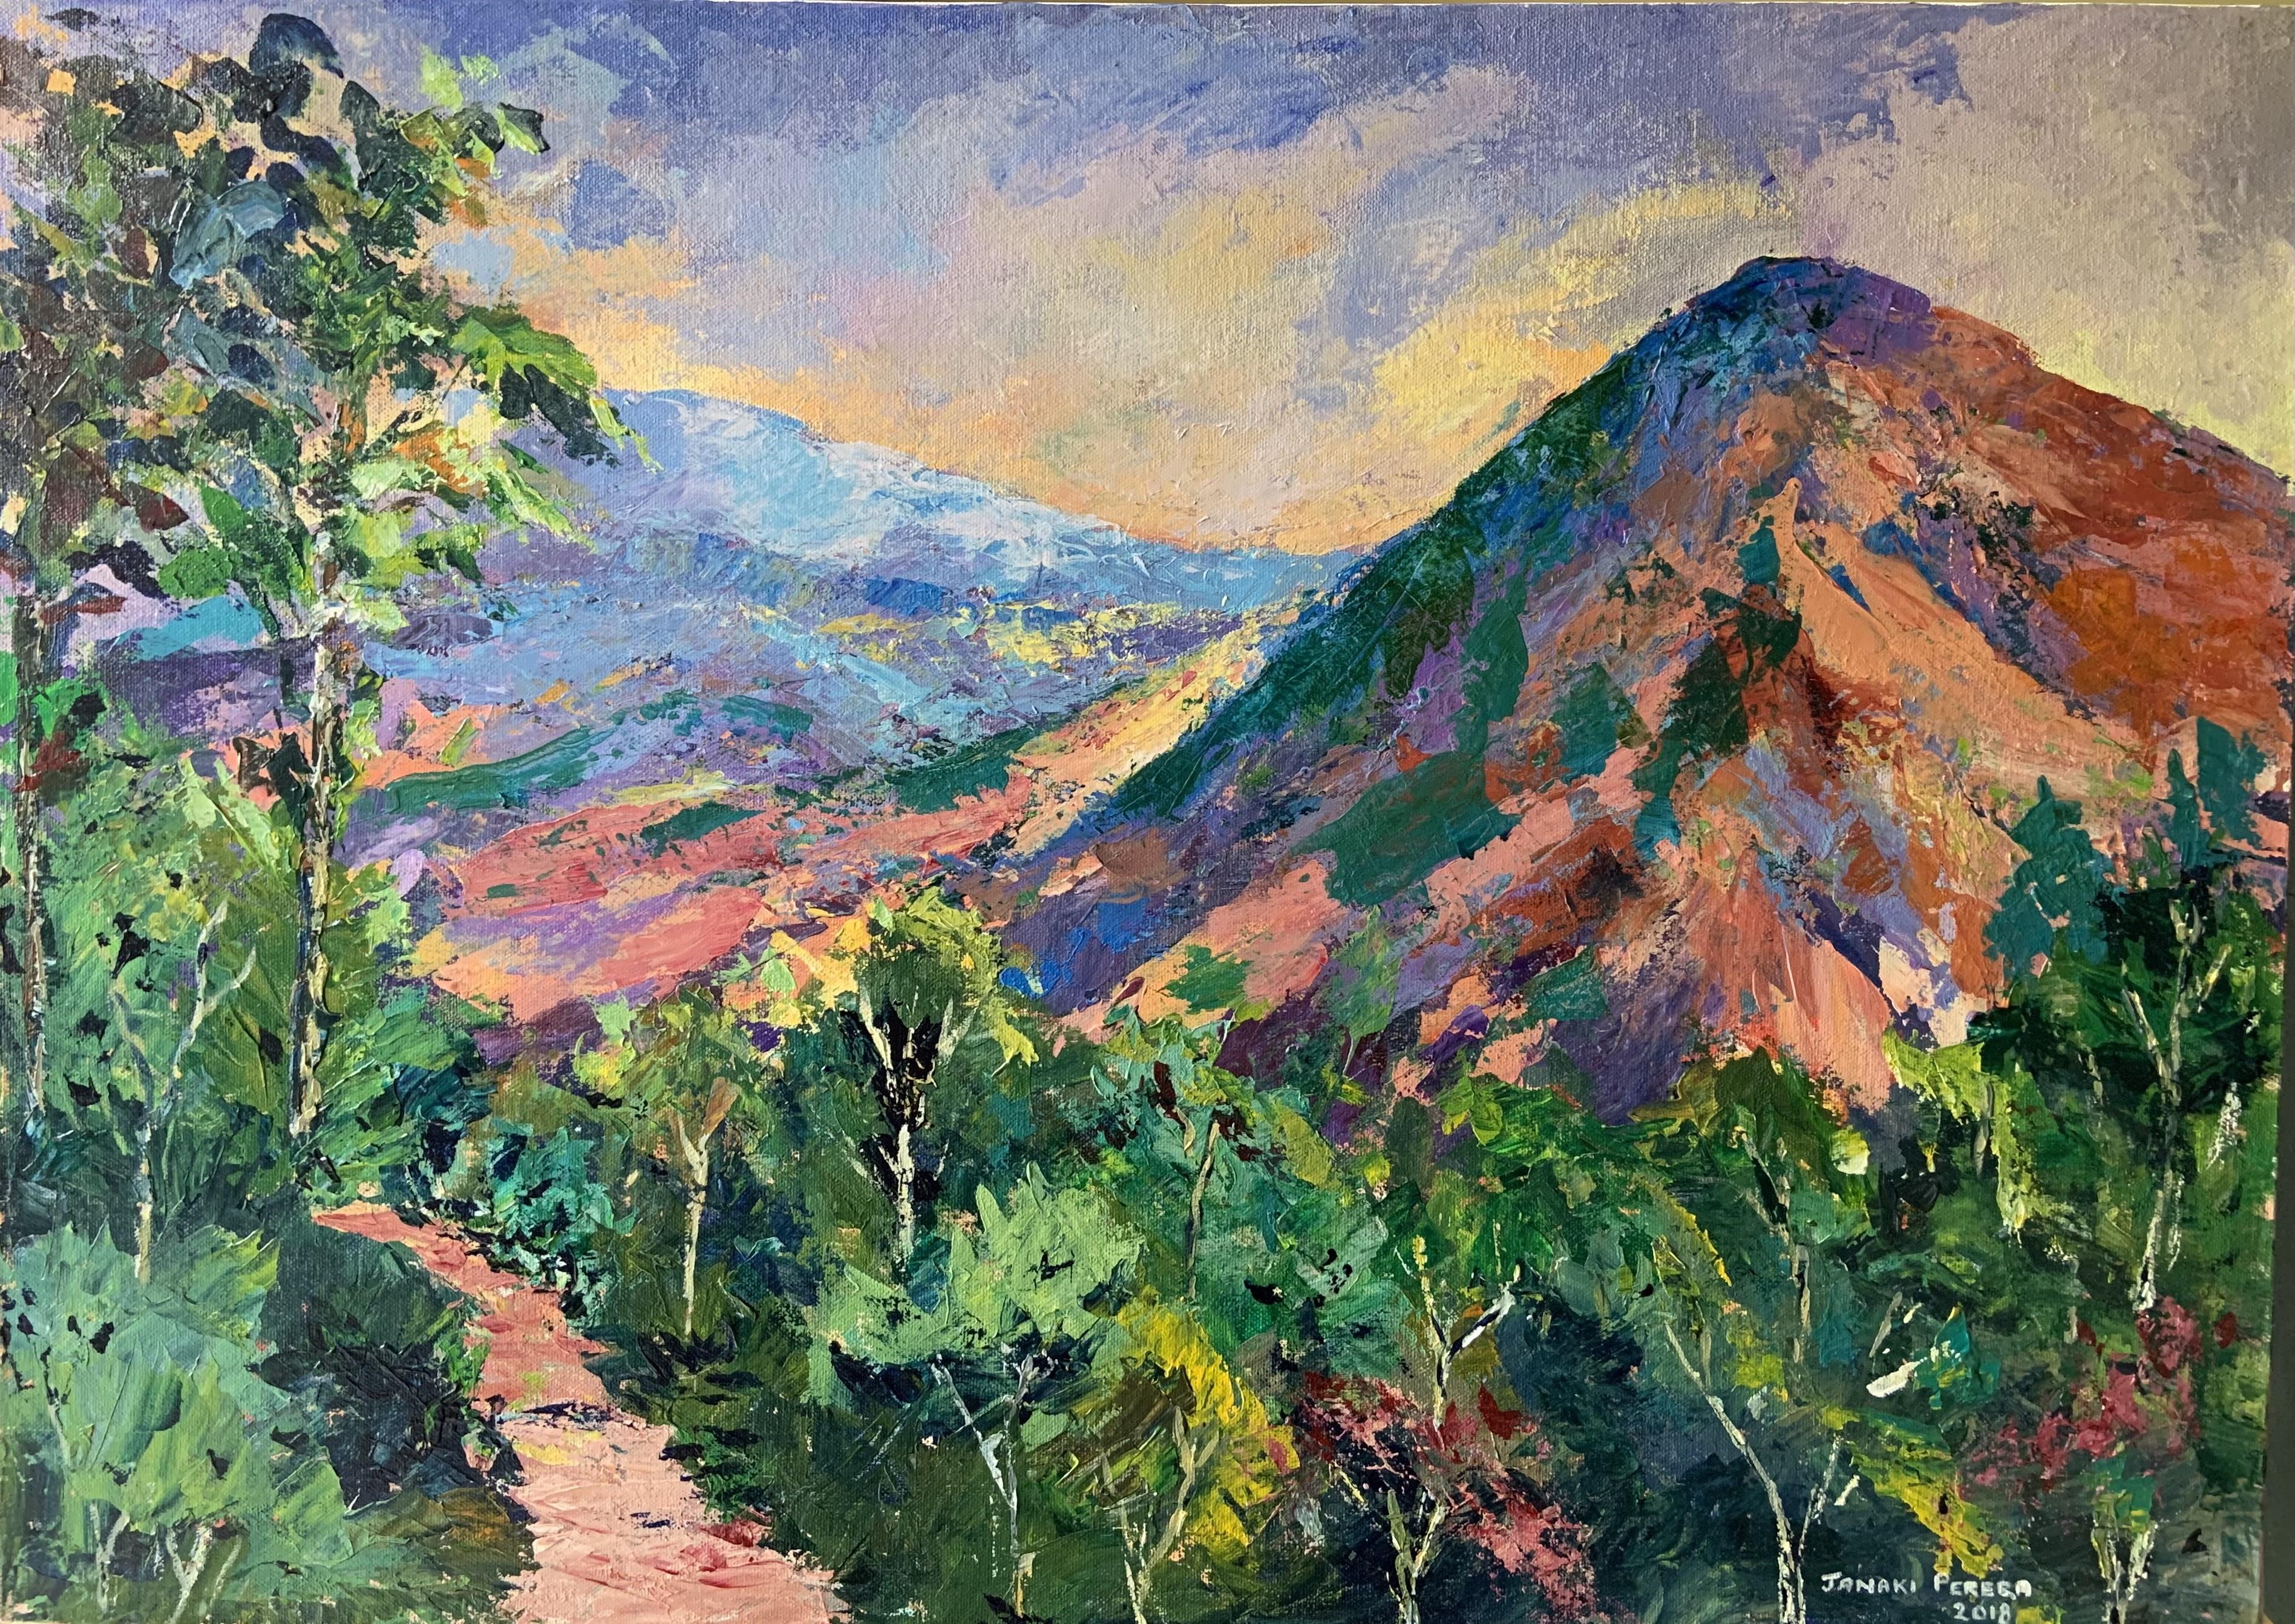 Path along Knuckles range by Janaki Perera